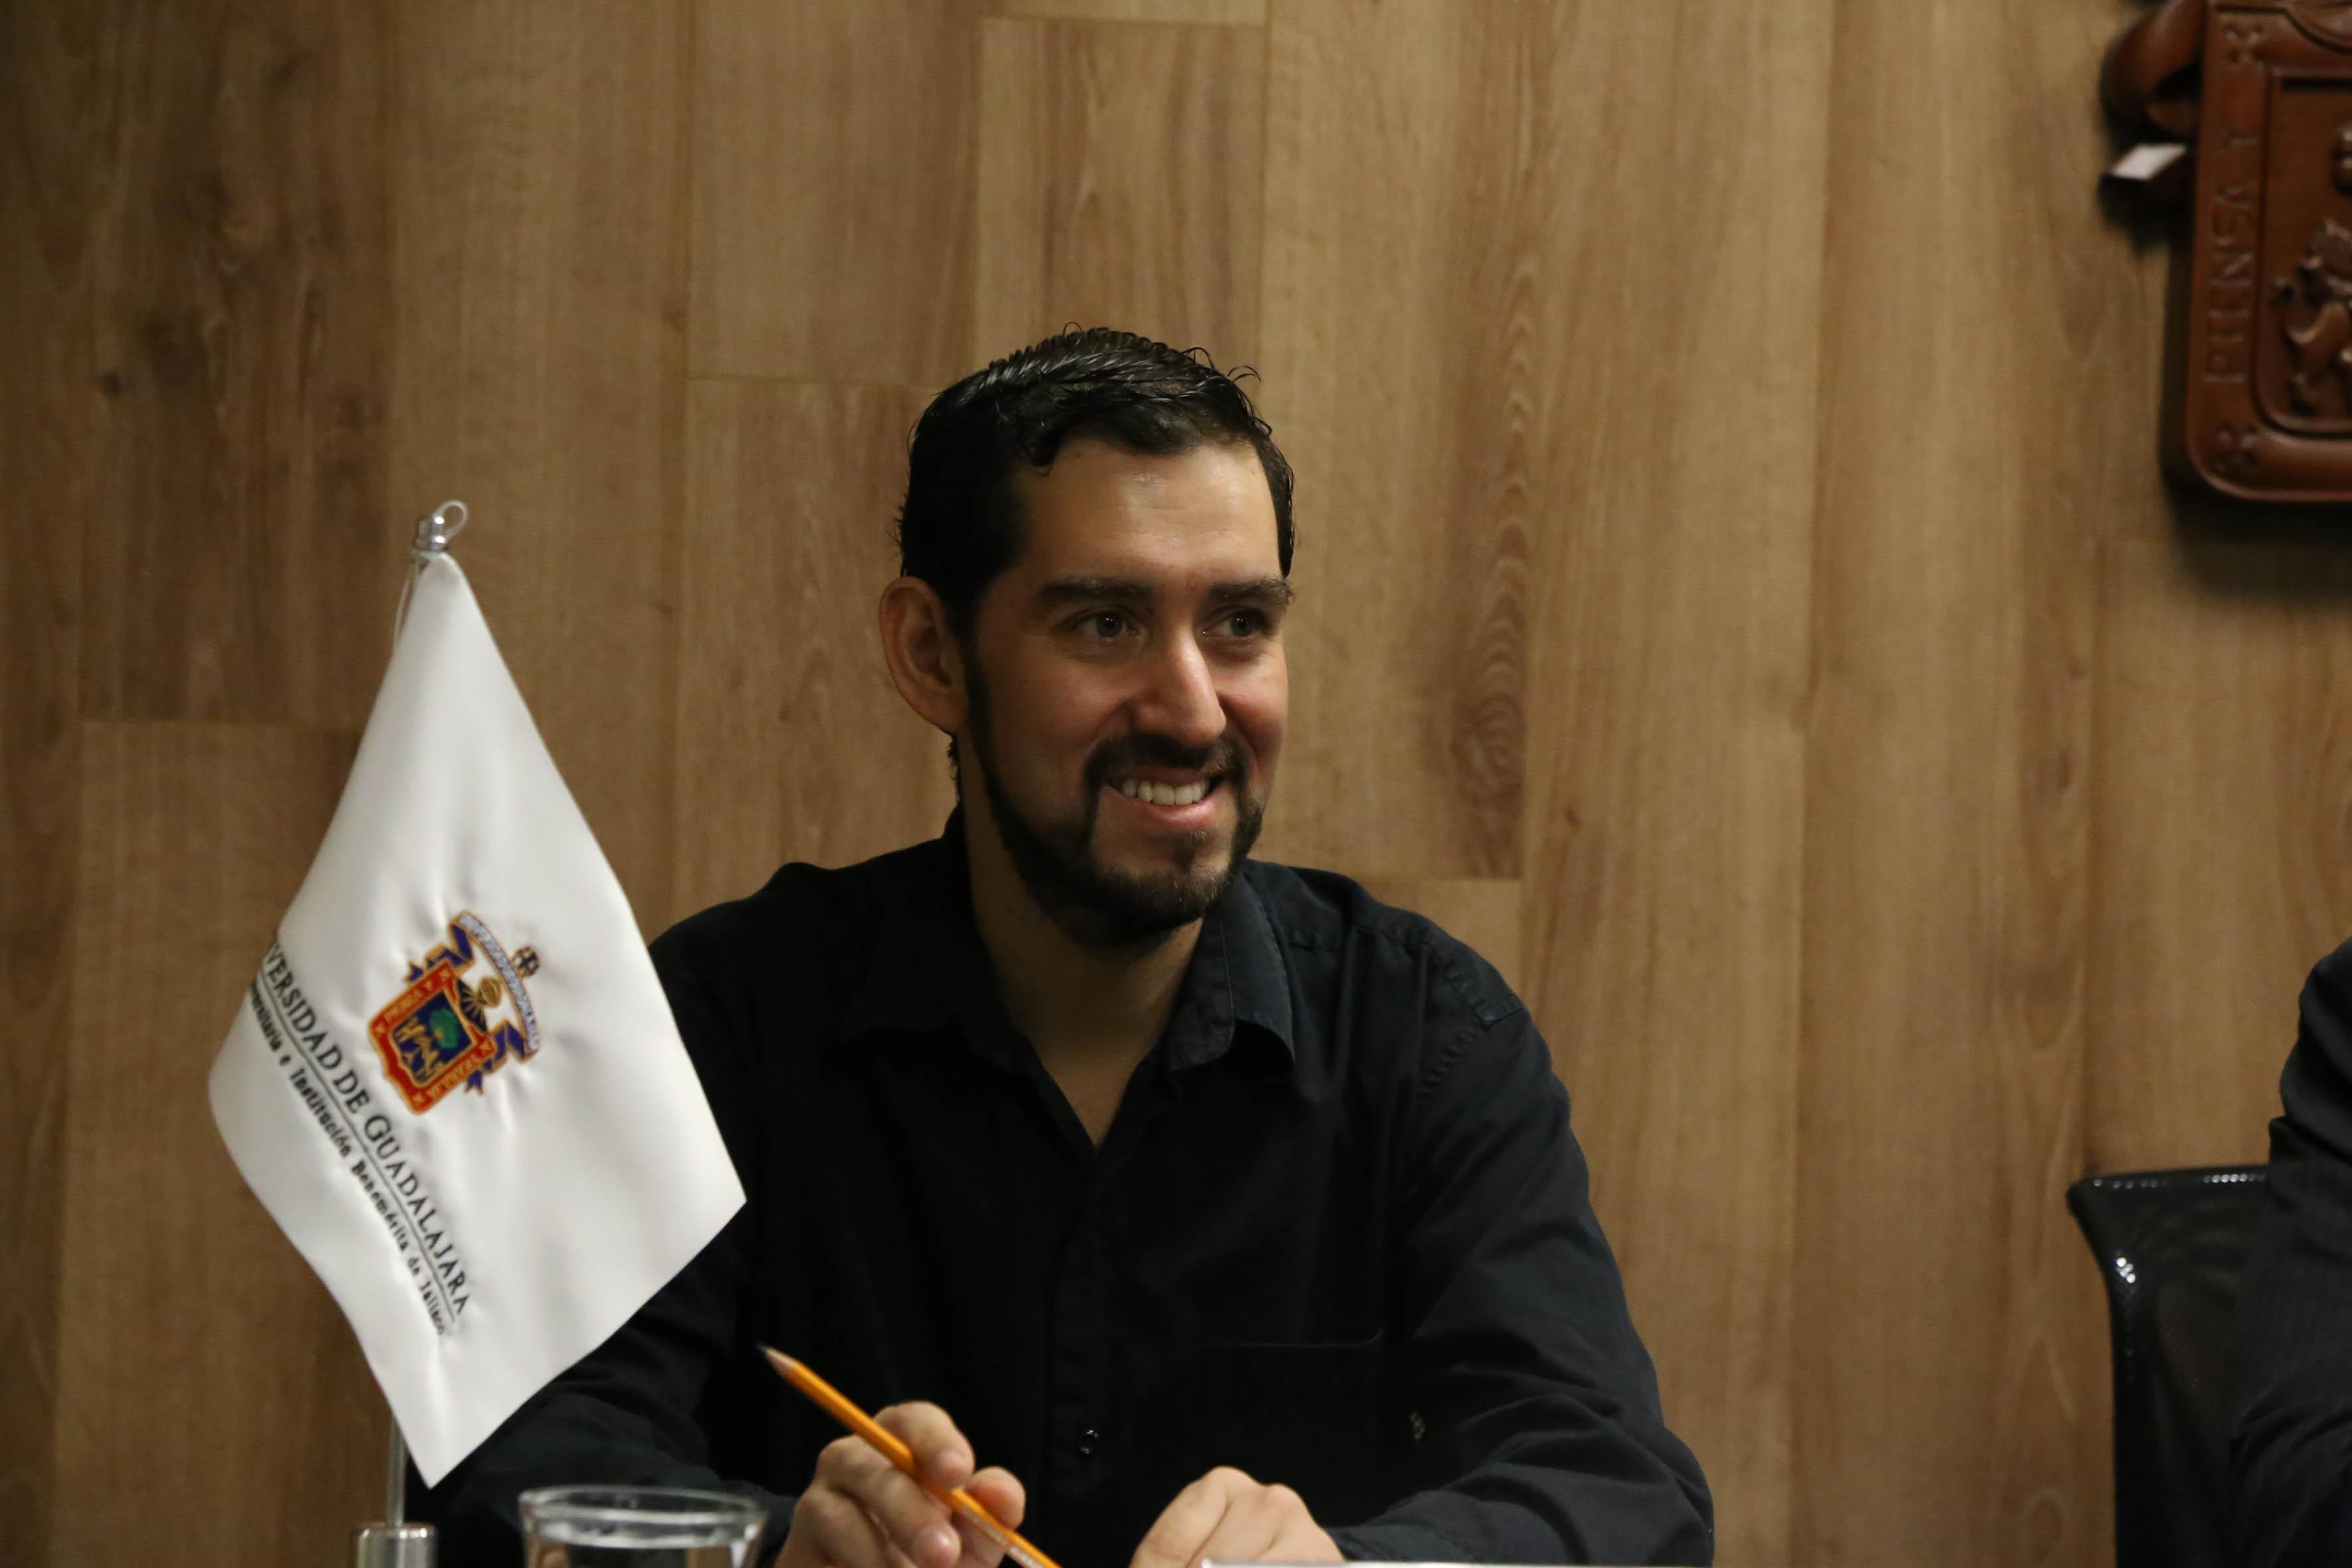 Juan Antonio Almeida Lopez